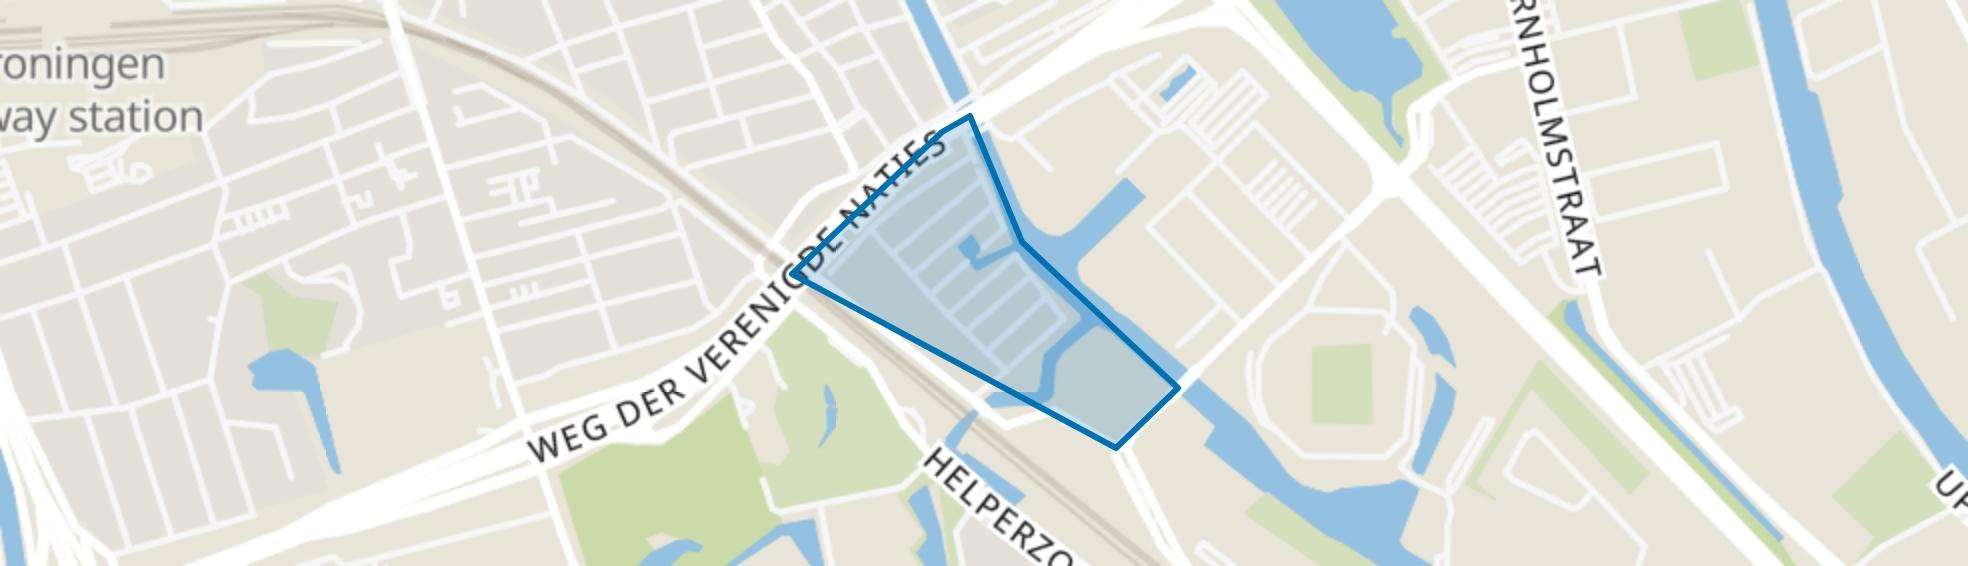 De Linie, Groningen map